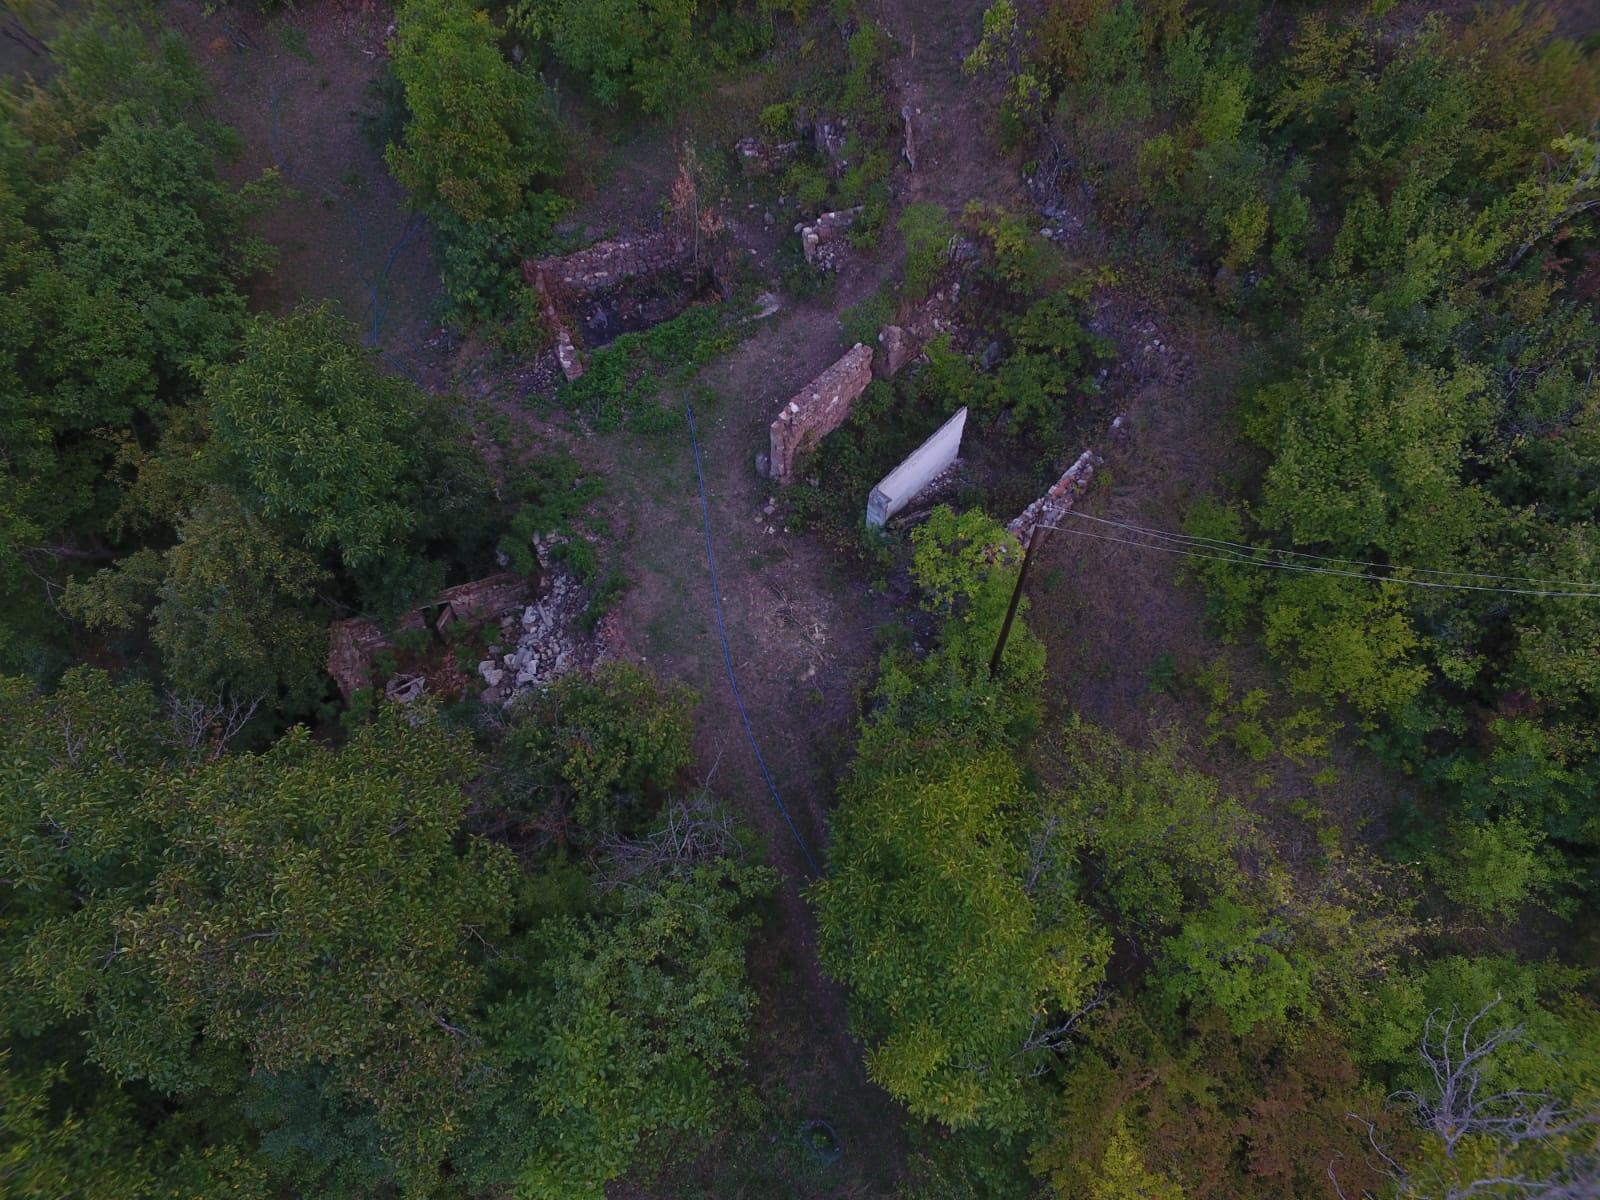 Dört Gündür Kayıp Olan Kişi Drone Ve İz Köpeği Yardımıyla Bulundu